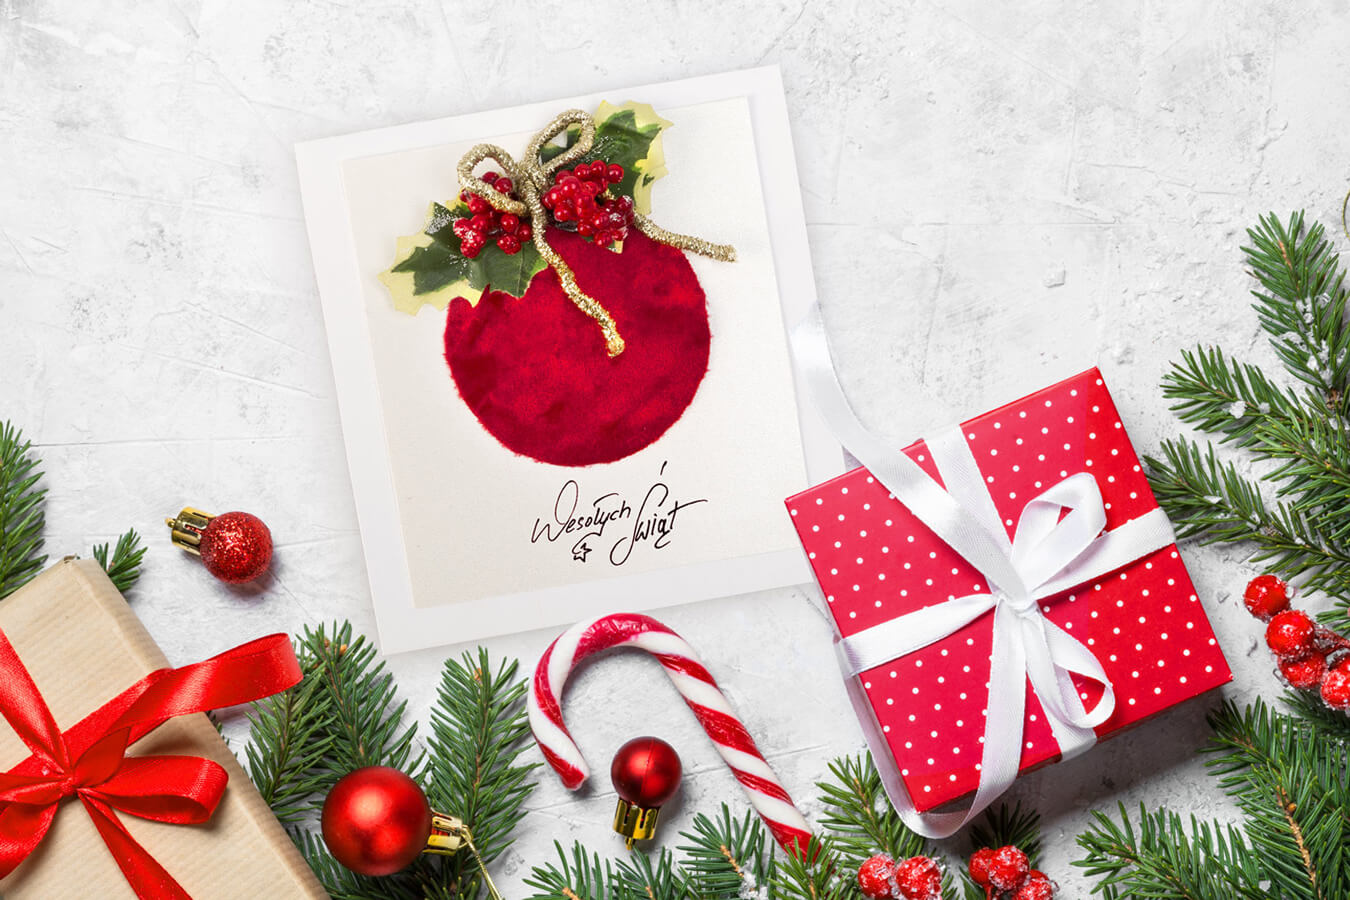 Dekoracje świąteczne z papieru – pomysły na ozdoby z papieru na Boże Narodzenie do zrobienia wspólnie z dziećmi